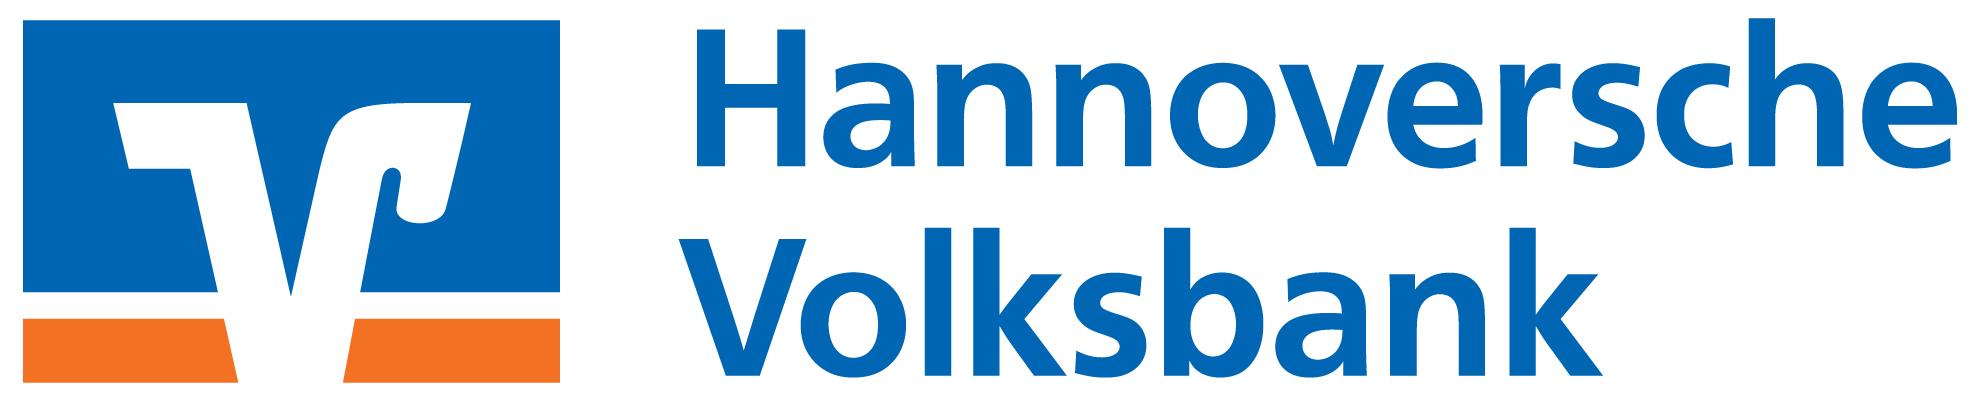 Hannoversche Volksbank eG SelbstbedienungsCenter Krähenwinkel